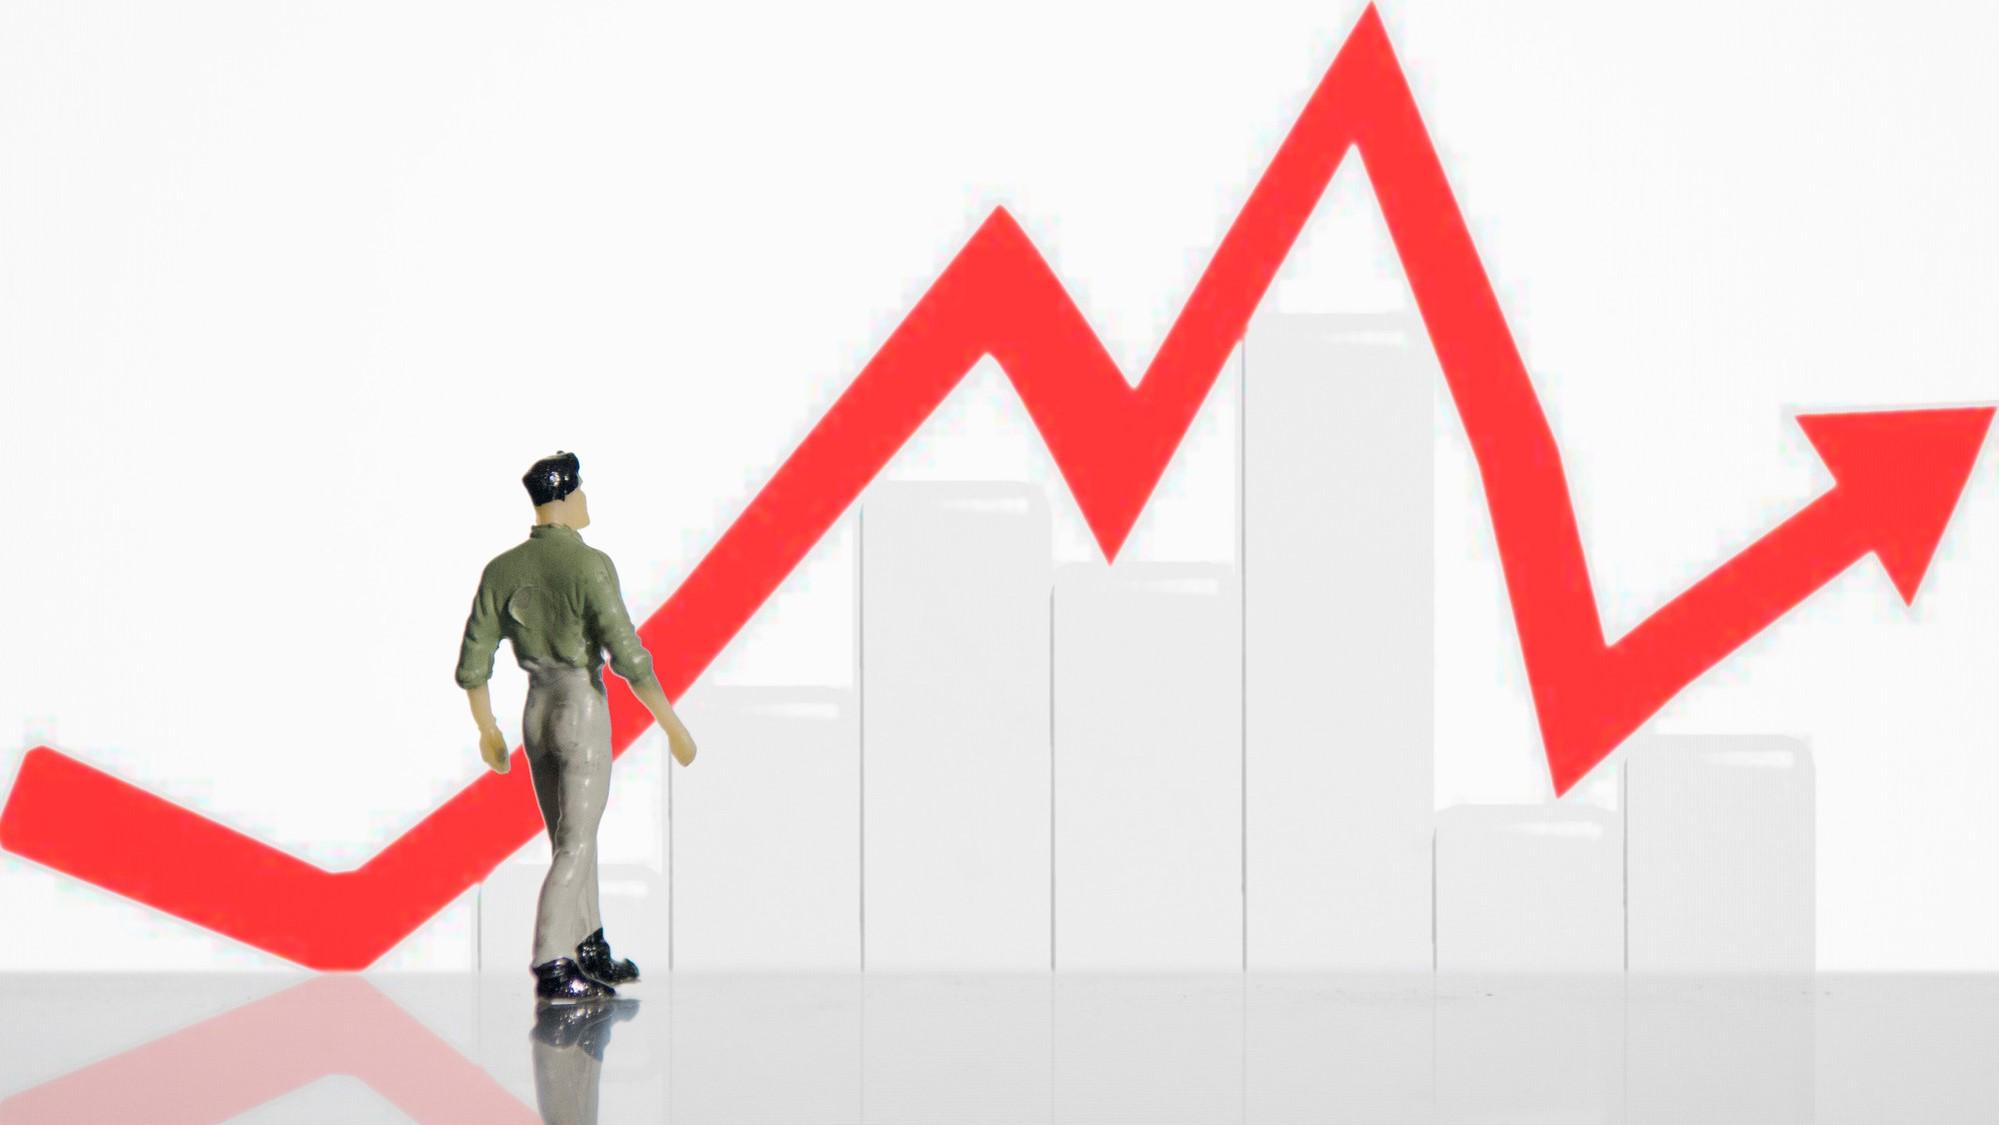 港股复盘:恒指28000点得而复失,美图公司飙涨18%